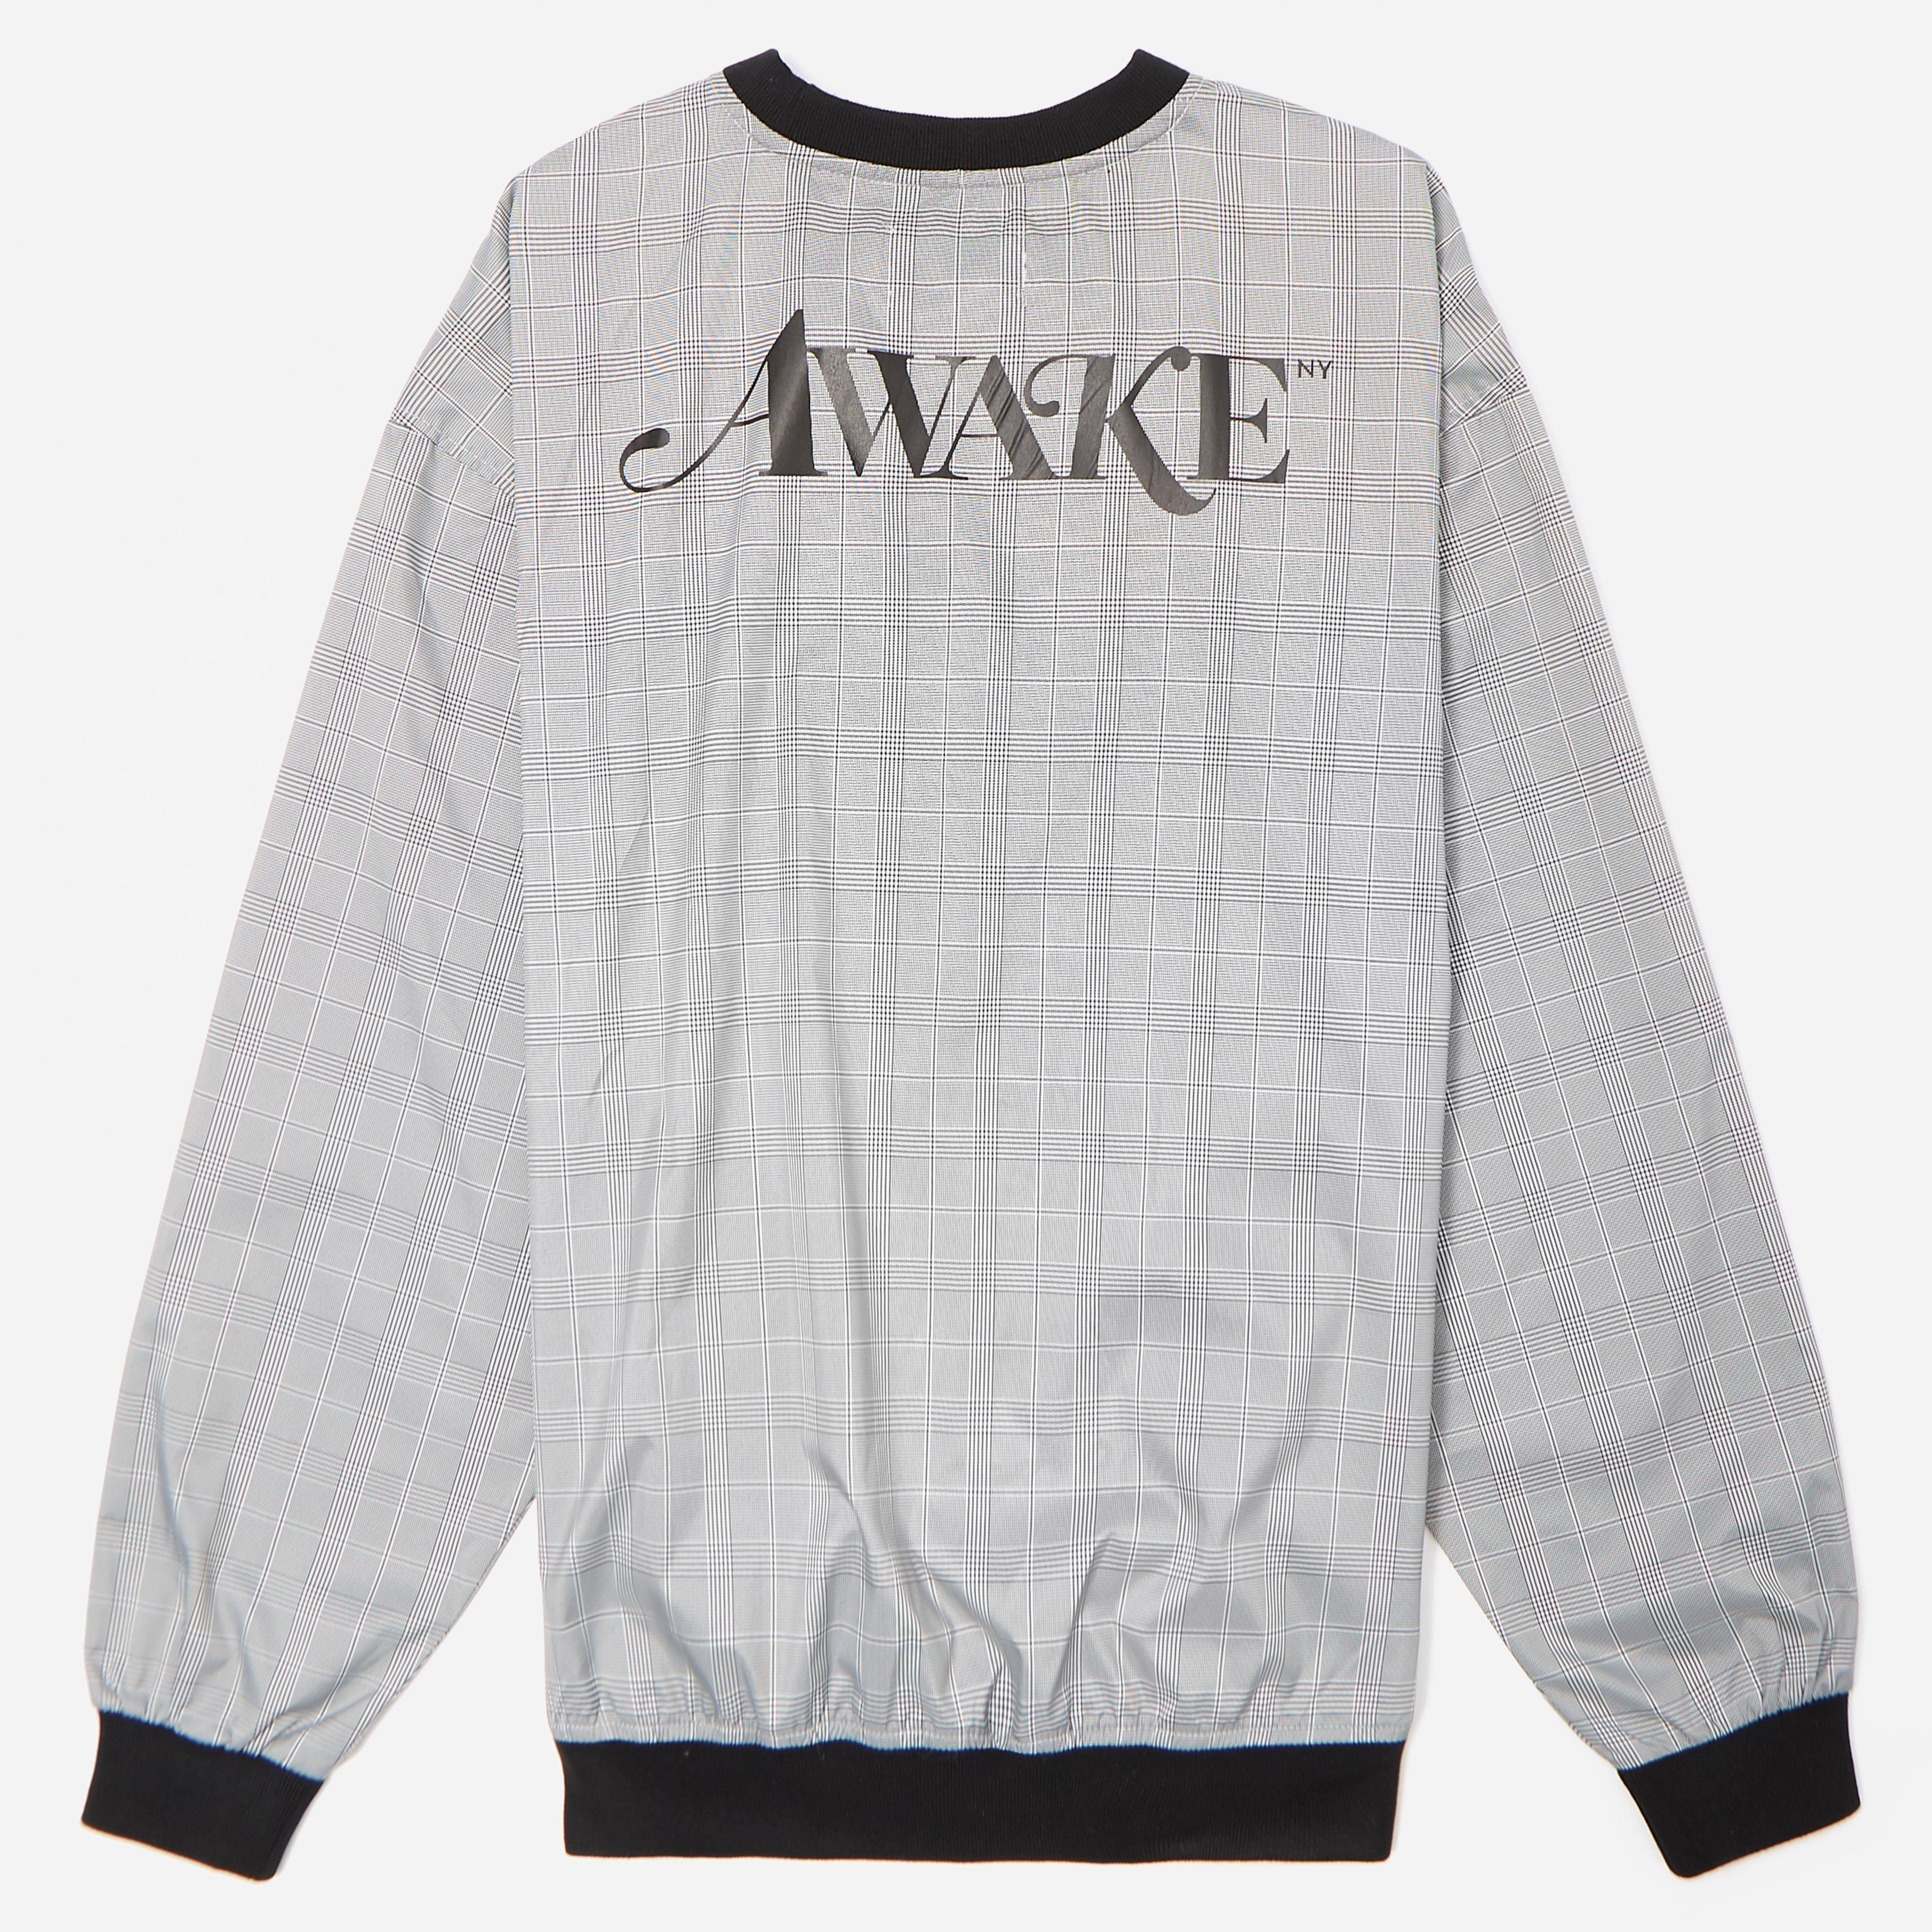 Awake NY Pullover Jacket